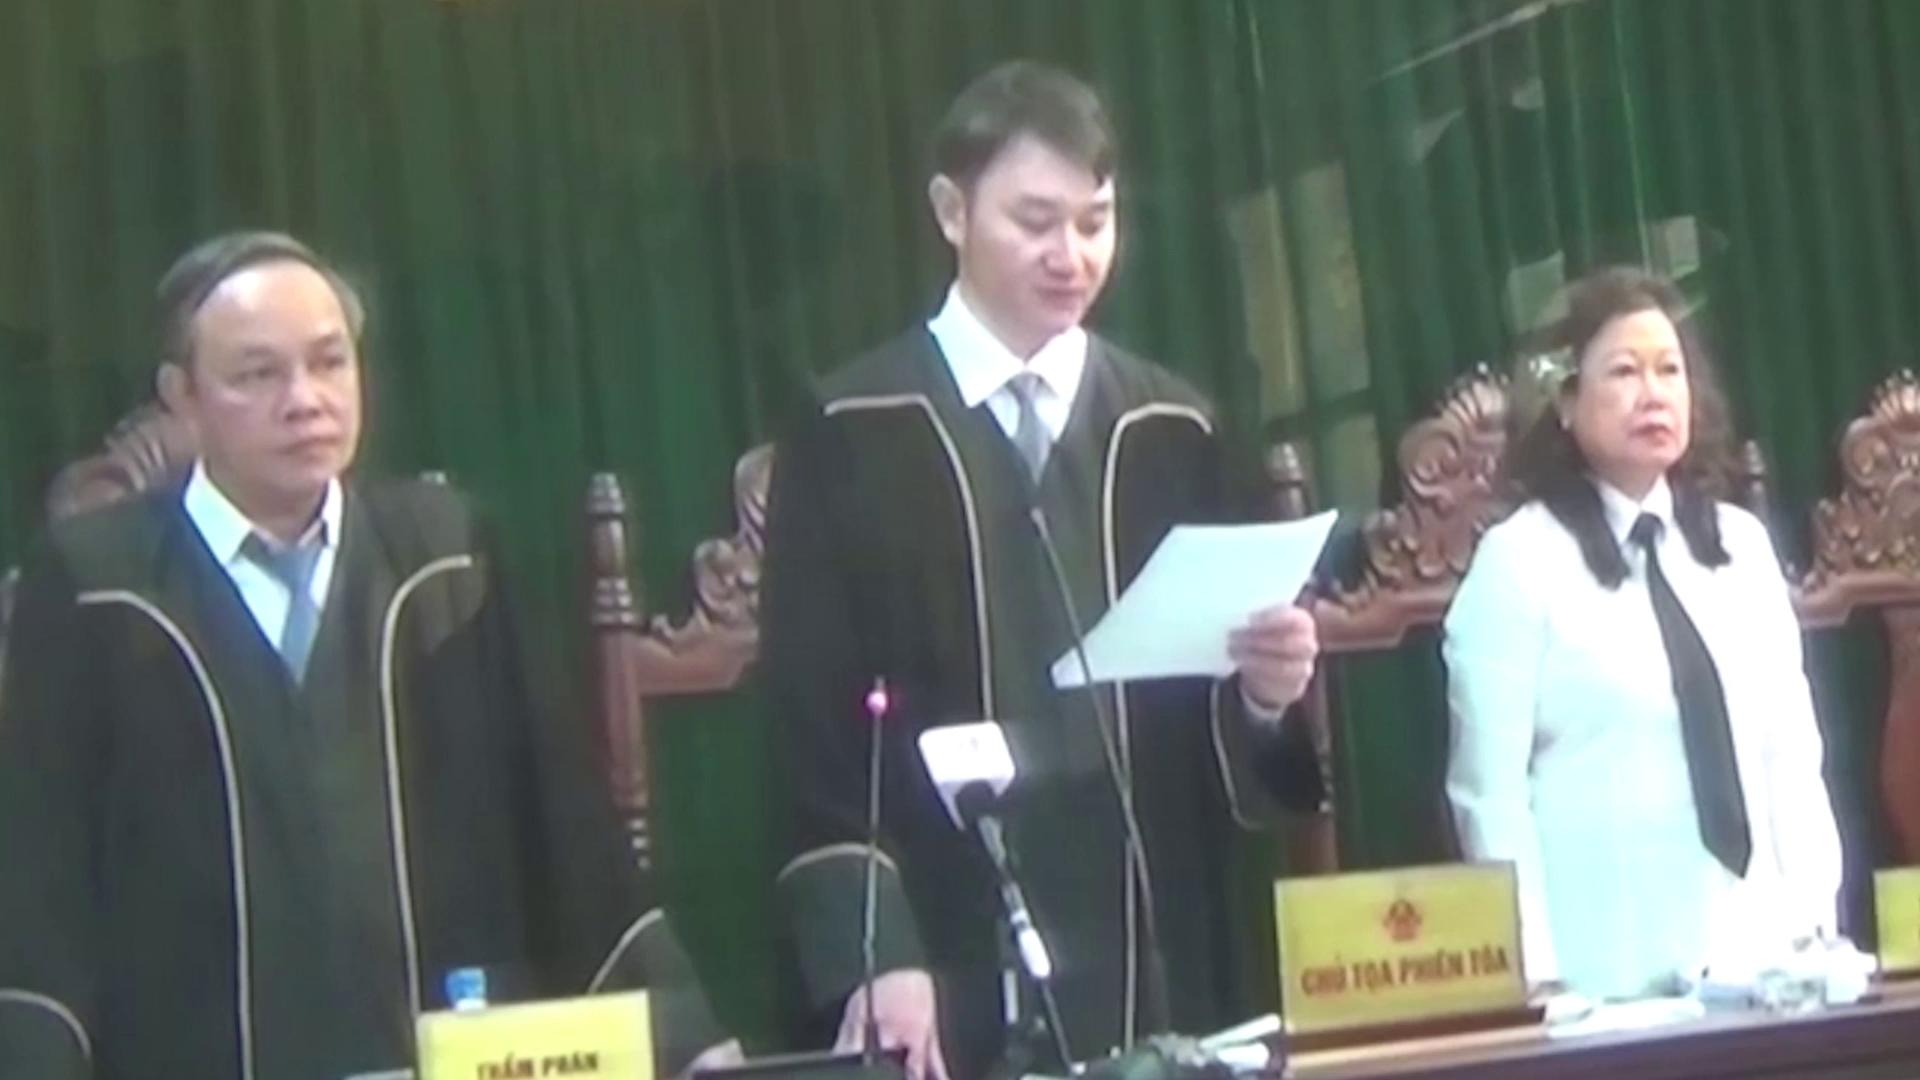 Trong 9 trang viết tay, Hà Văn Thắm kêu oan vì án chung thân là quá nặng